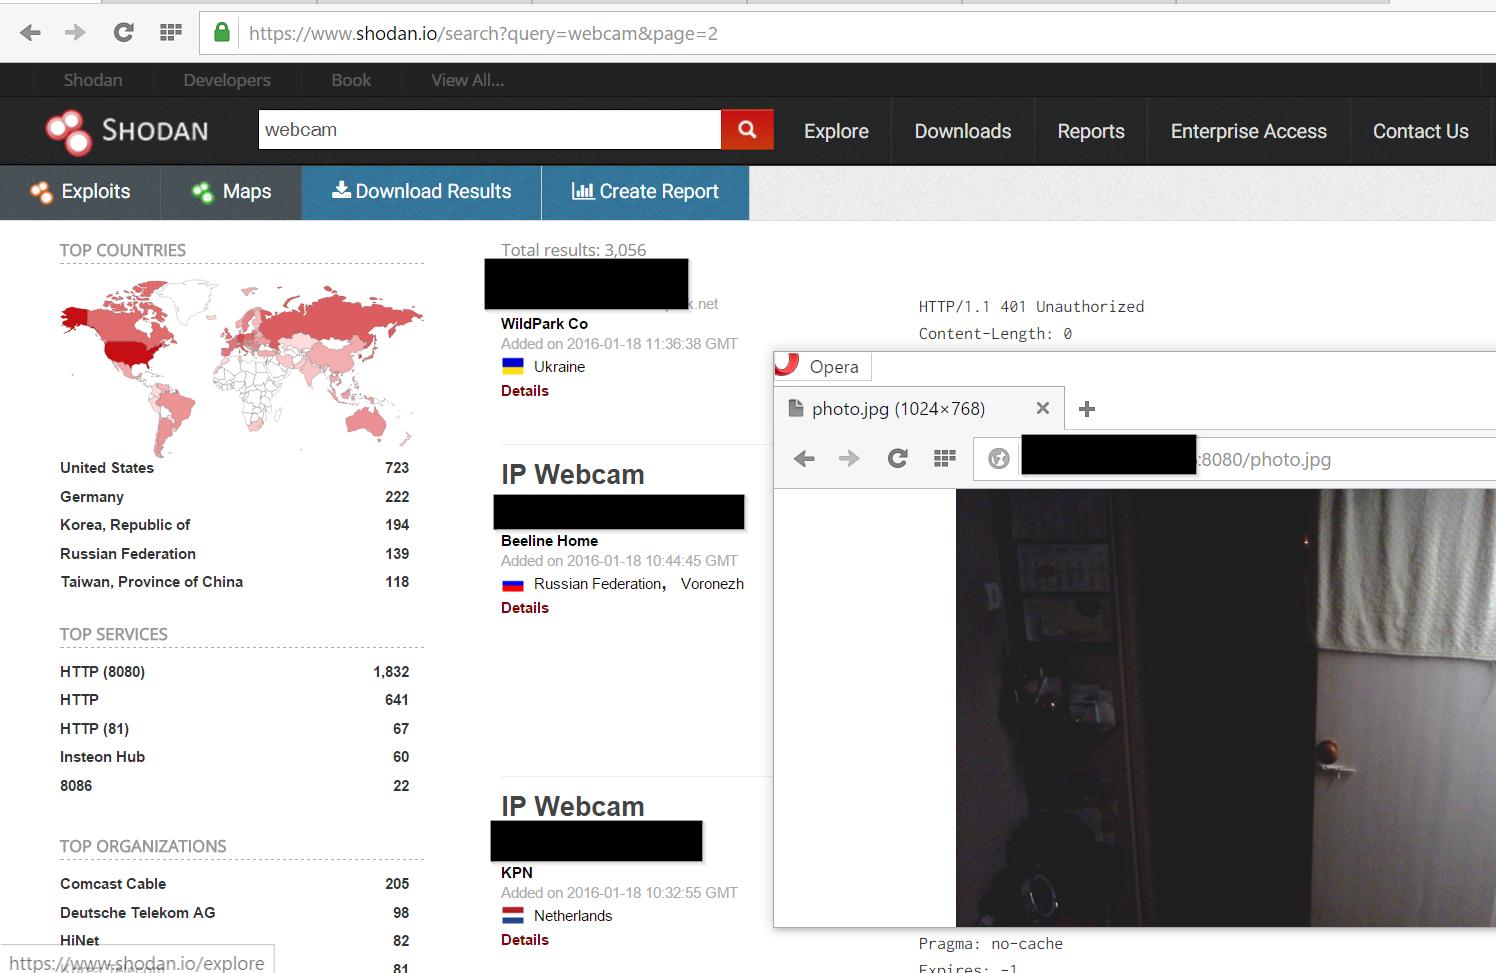 Agile: Spion im Wohnzimmer - Offene Webcams finden